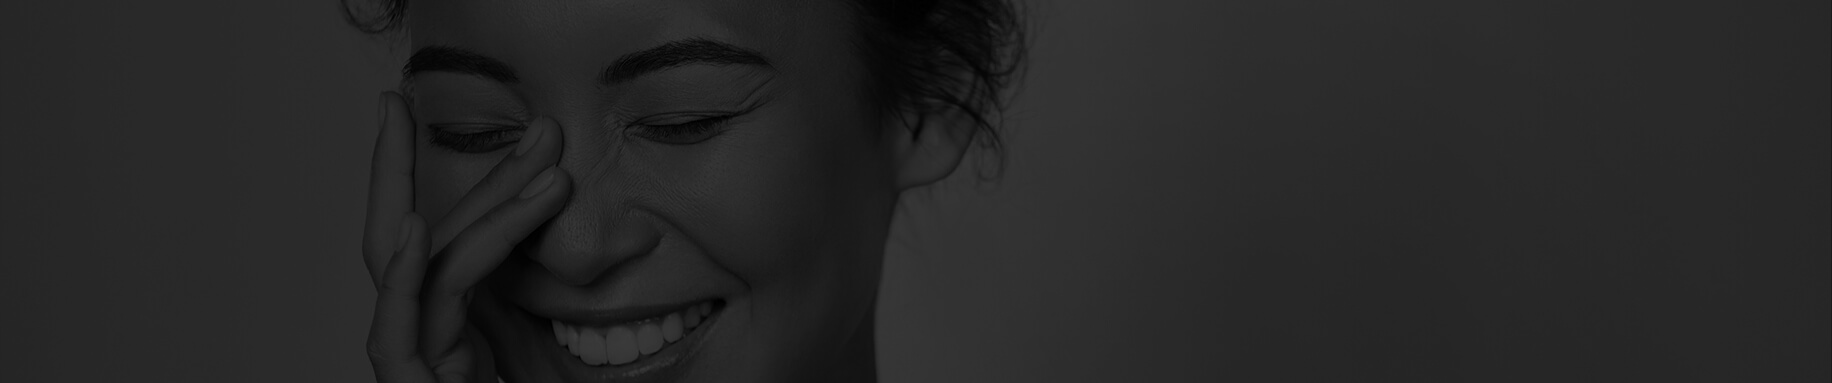 fotona smootheye mid banner | Fotona SmoothEye | 19